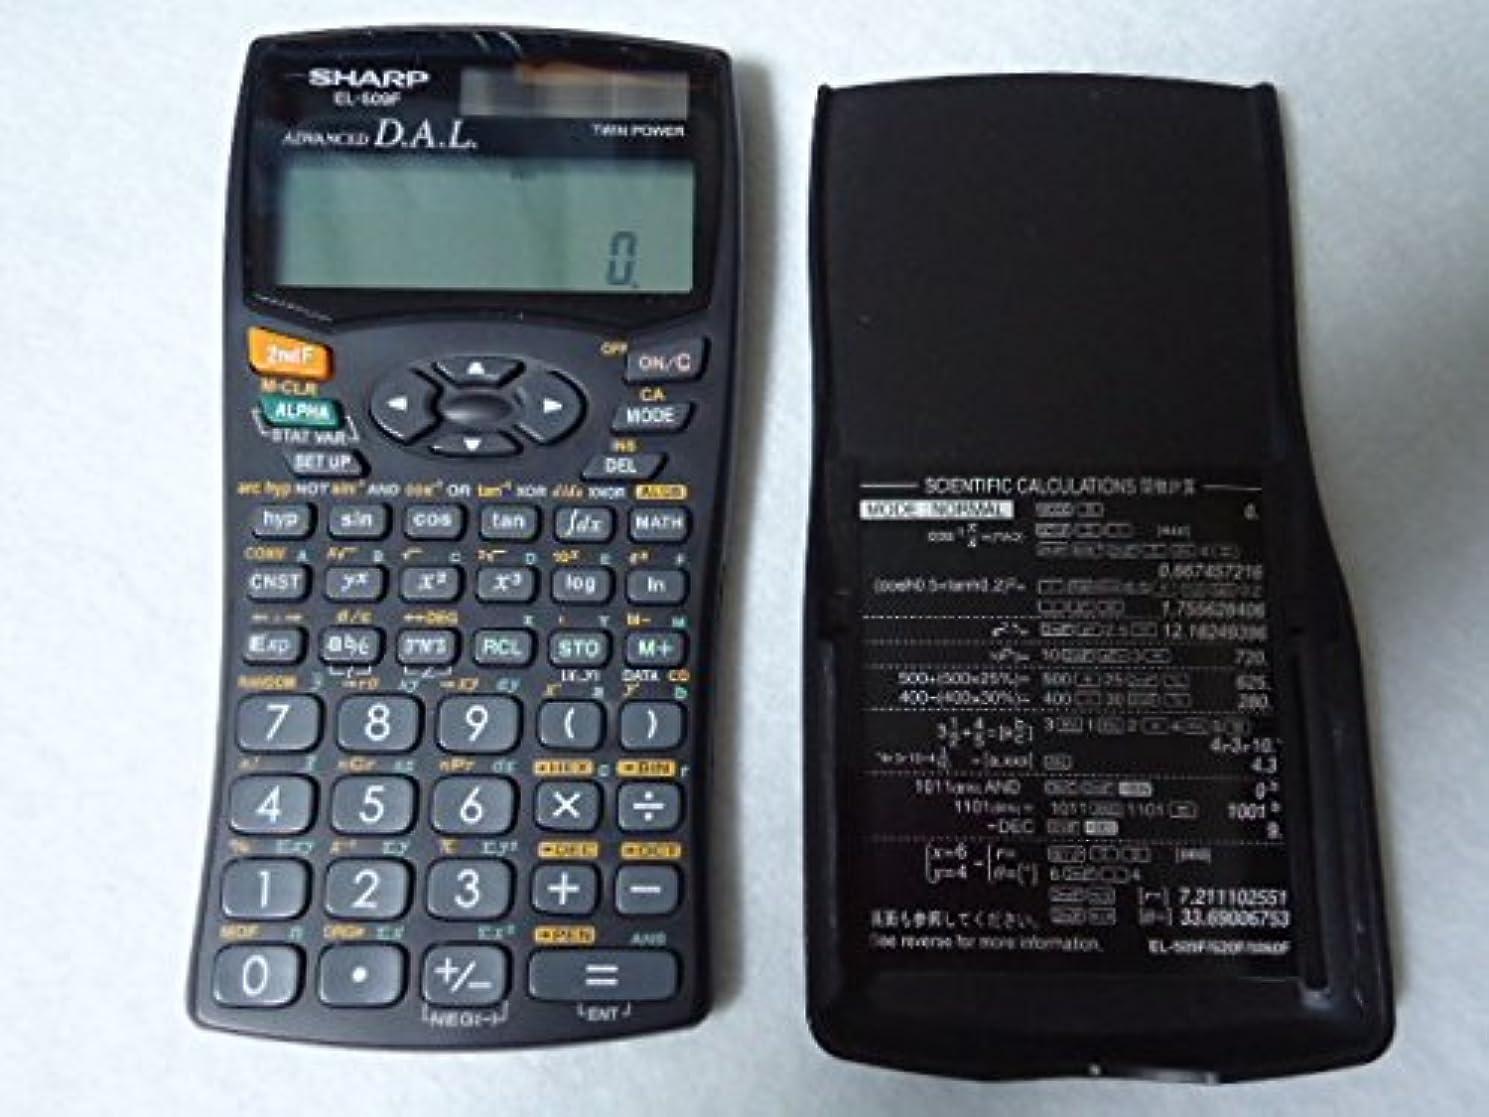 上院議員単位姿勢シャープ Pythagoras スタンダード関数電卓 10桁 253関数?機能 EL-509F-X